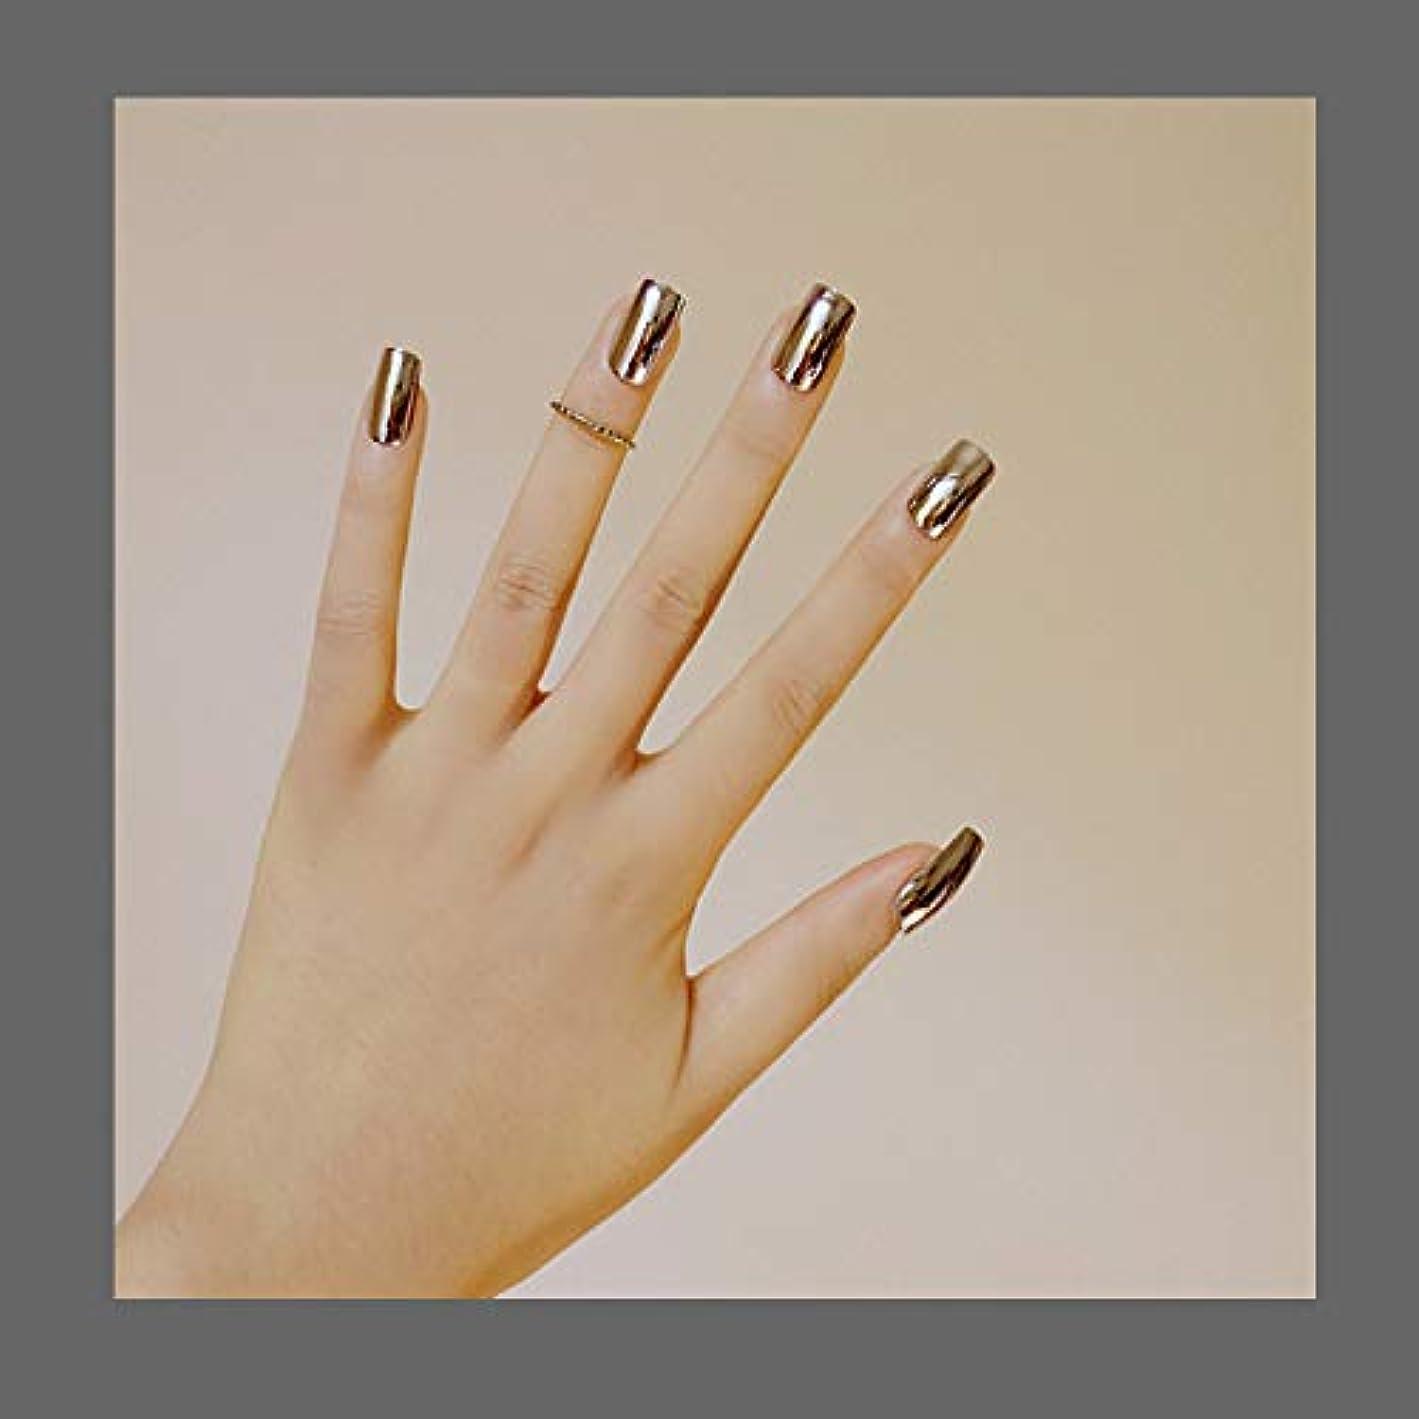 グローバル彫刻家リーン欧米で流行るパンク風付け爪 色変化のミラー付け爪 24枚付け爪 フラットヘッド 銀